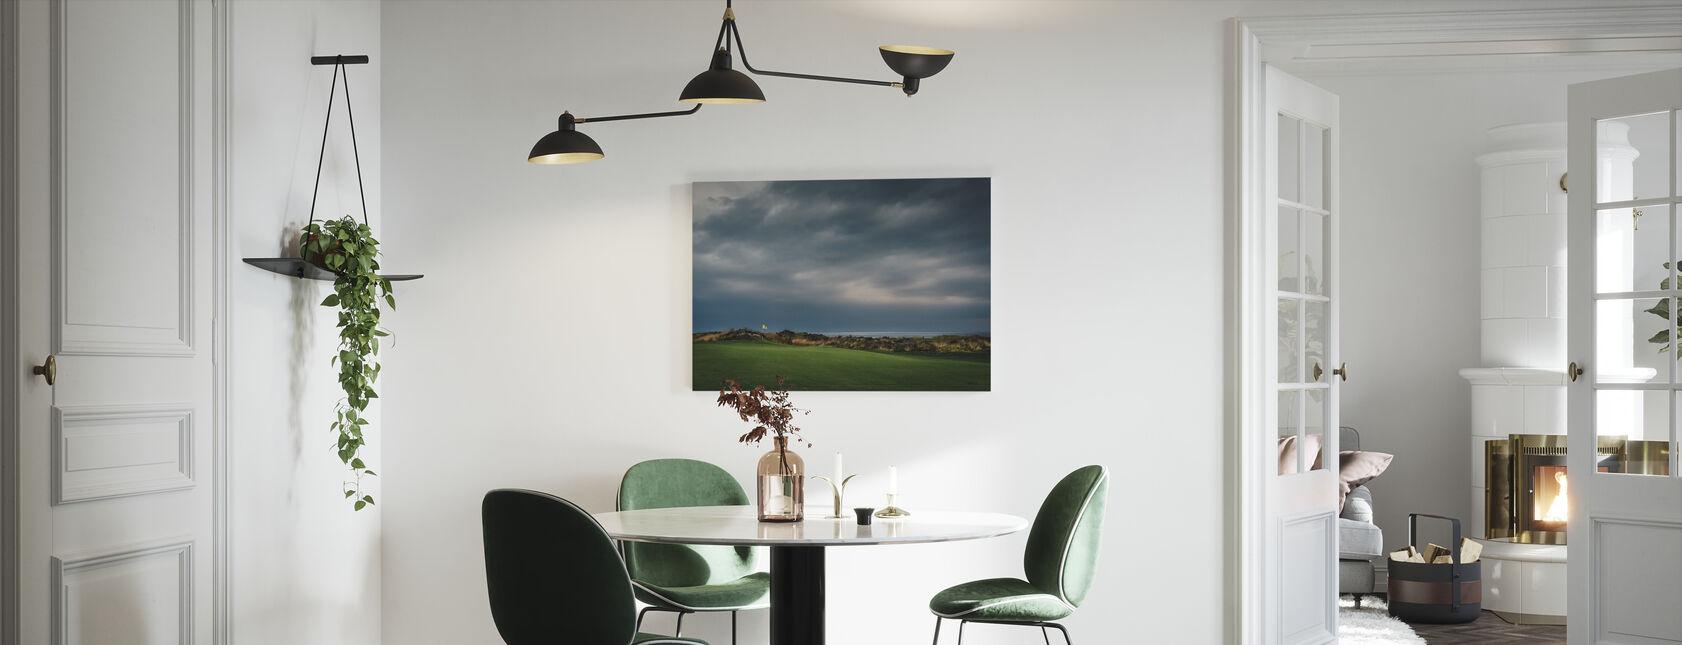 Golfbaan in Lofoten, Noorwegen - Canvas print - Keuken